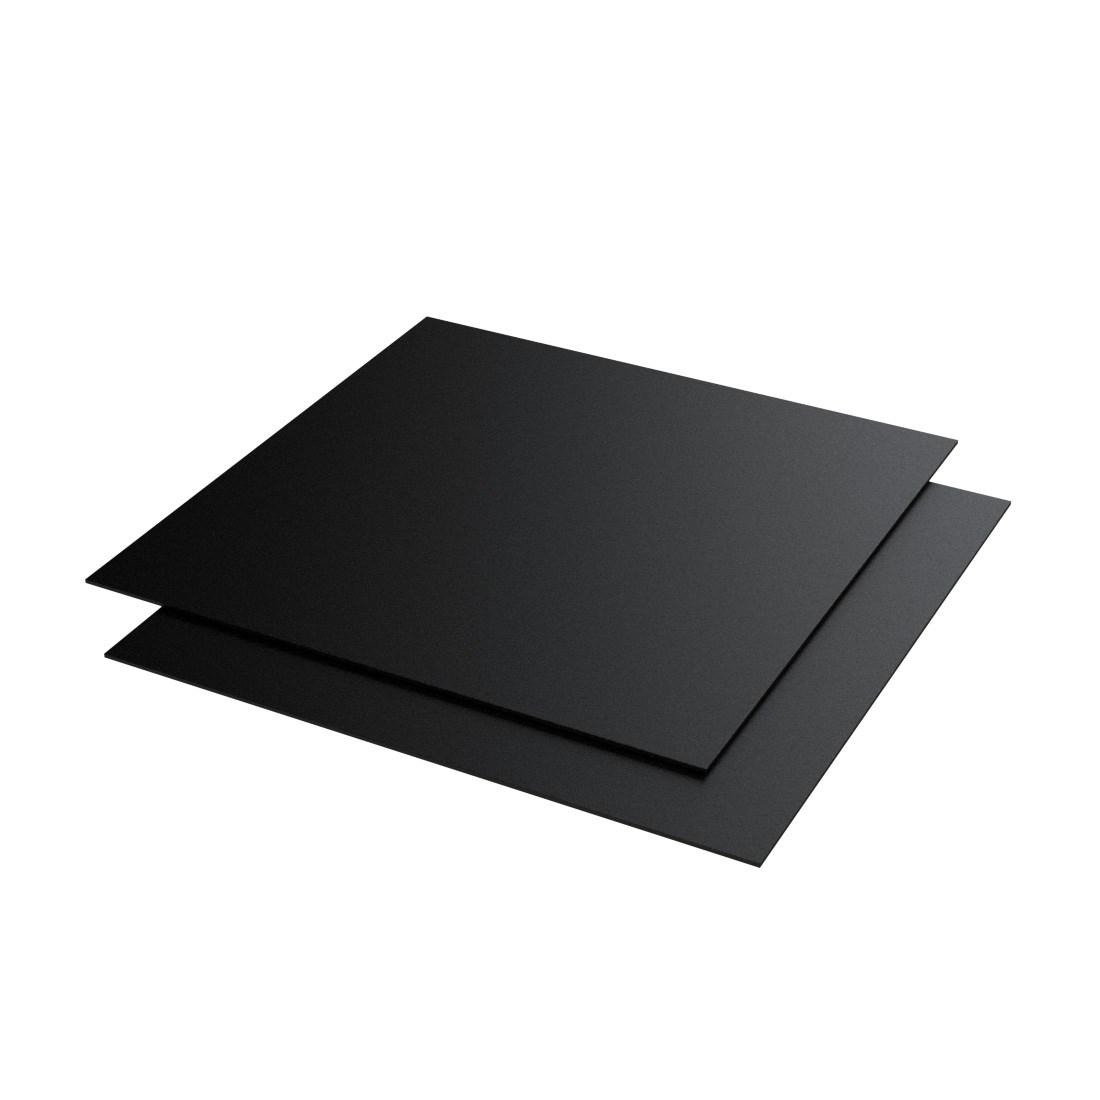 Vikunyl PVC Zwart 9700 Mat 1300x1000x0,2mm